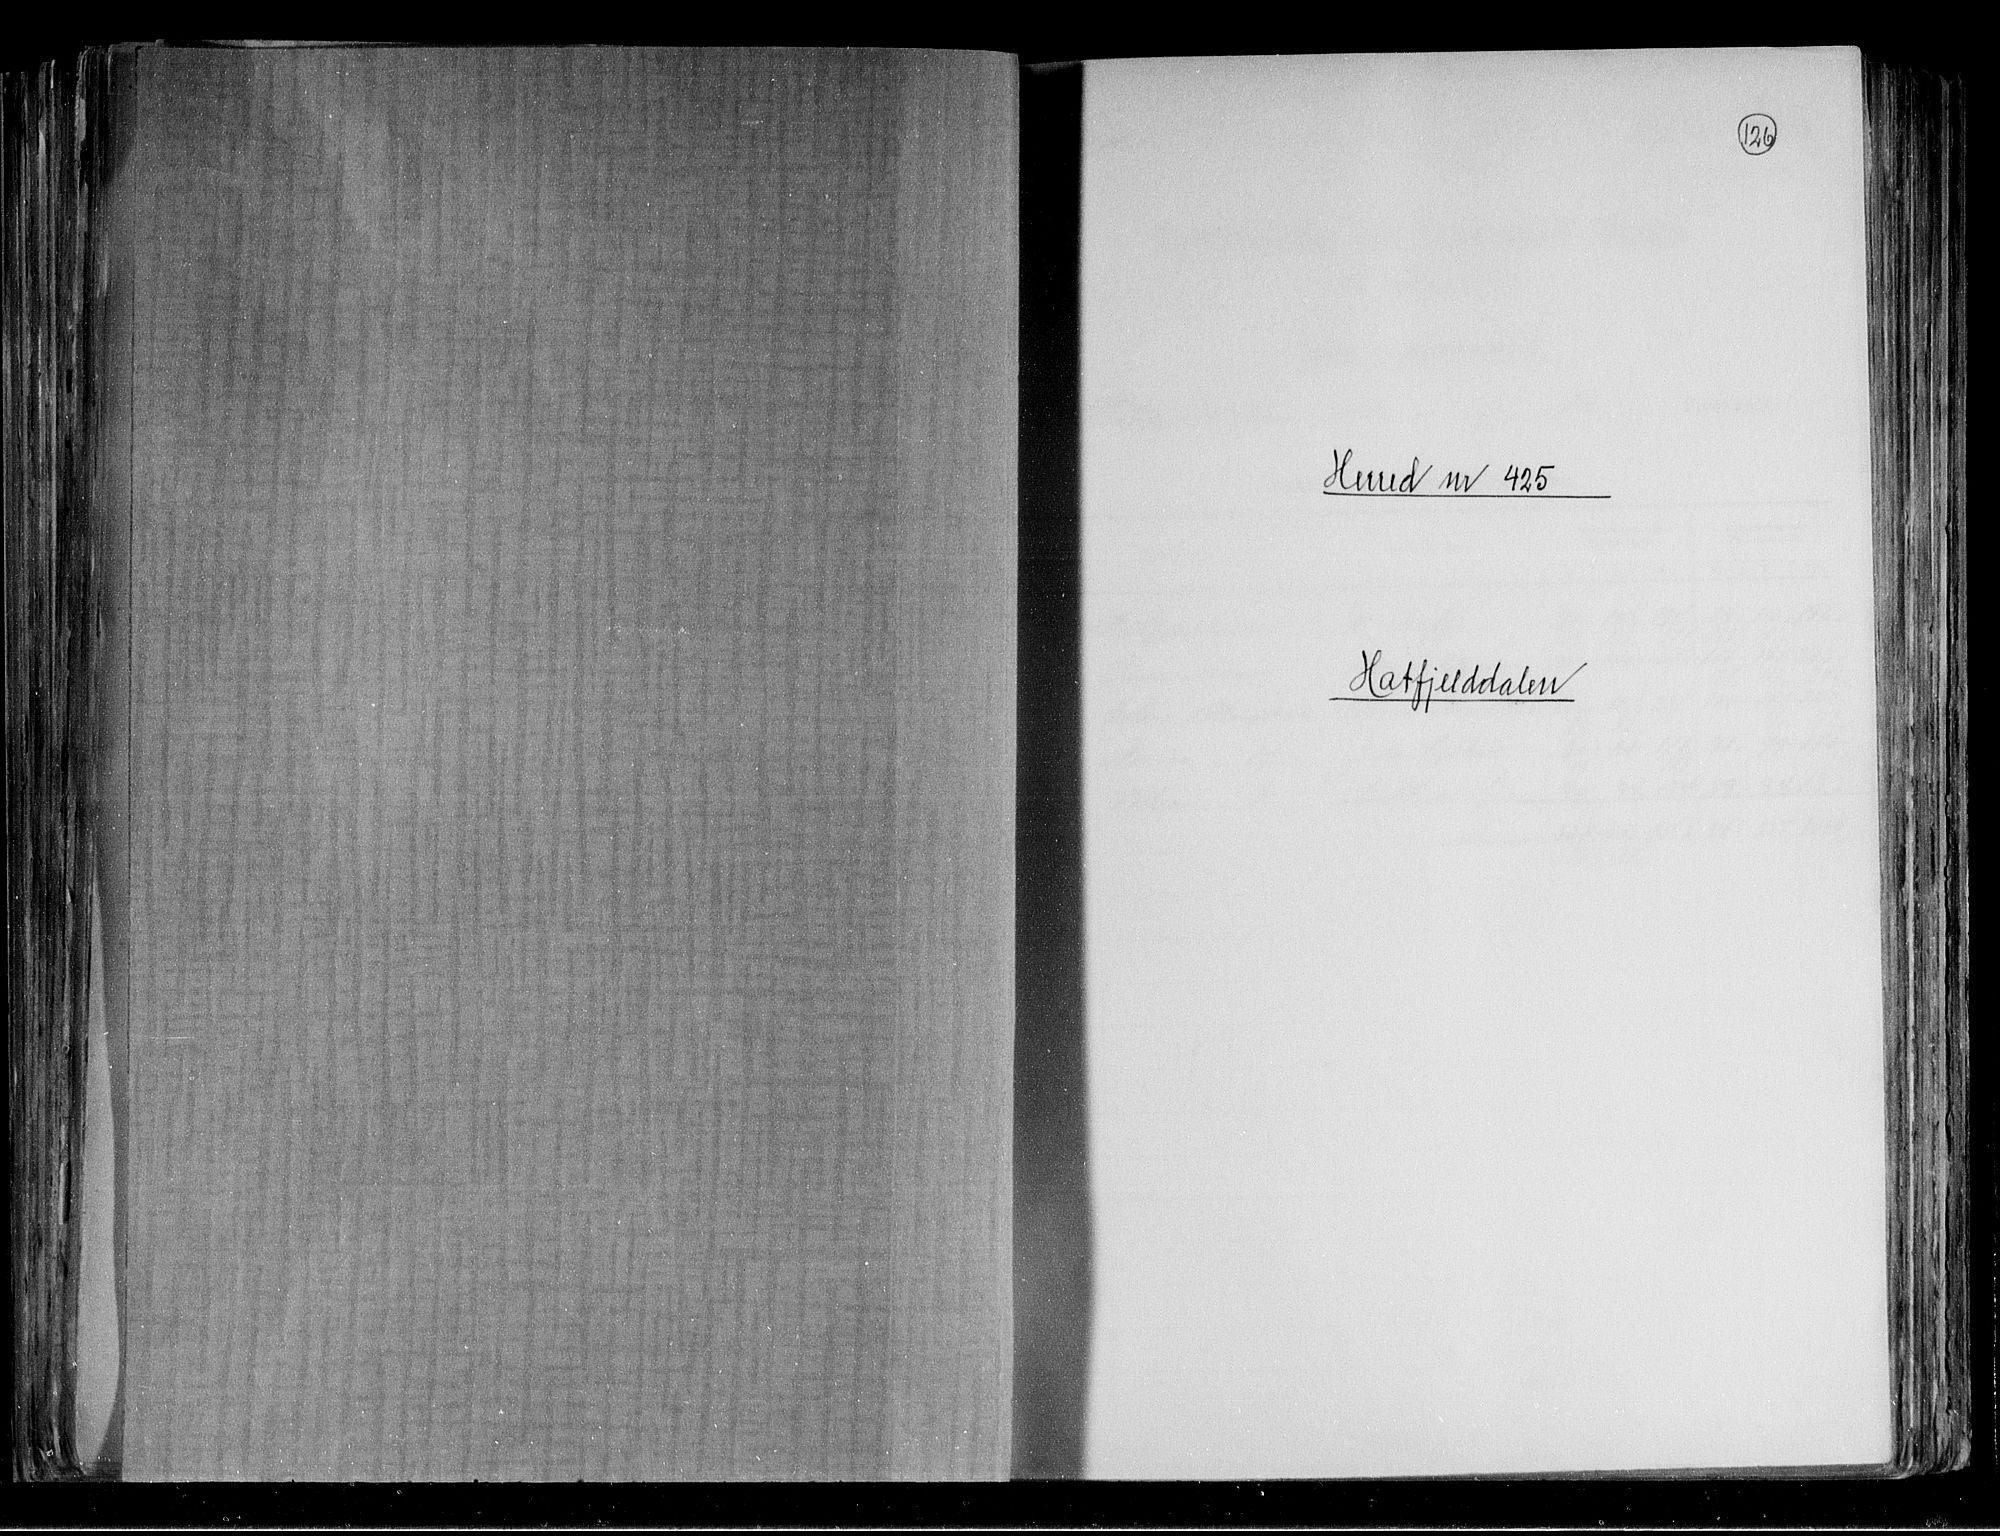 RA, Folketelling 1891 for 1826 Hattfjelldal herred, 1891, s. 1